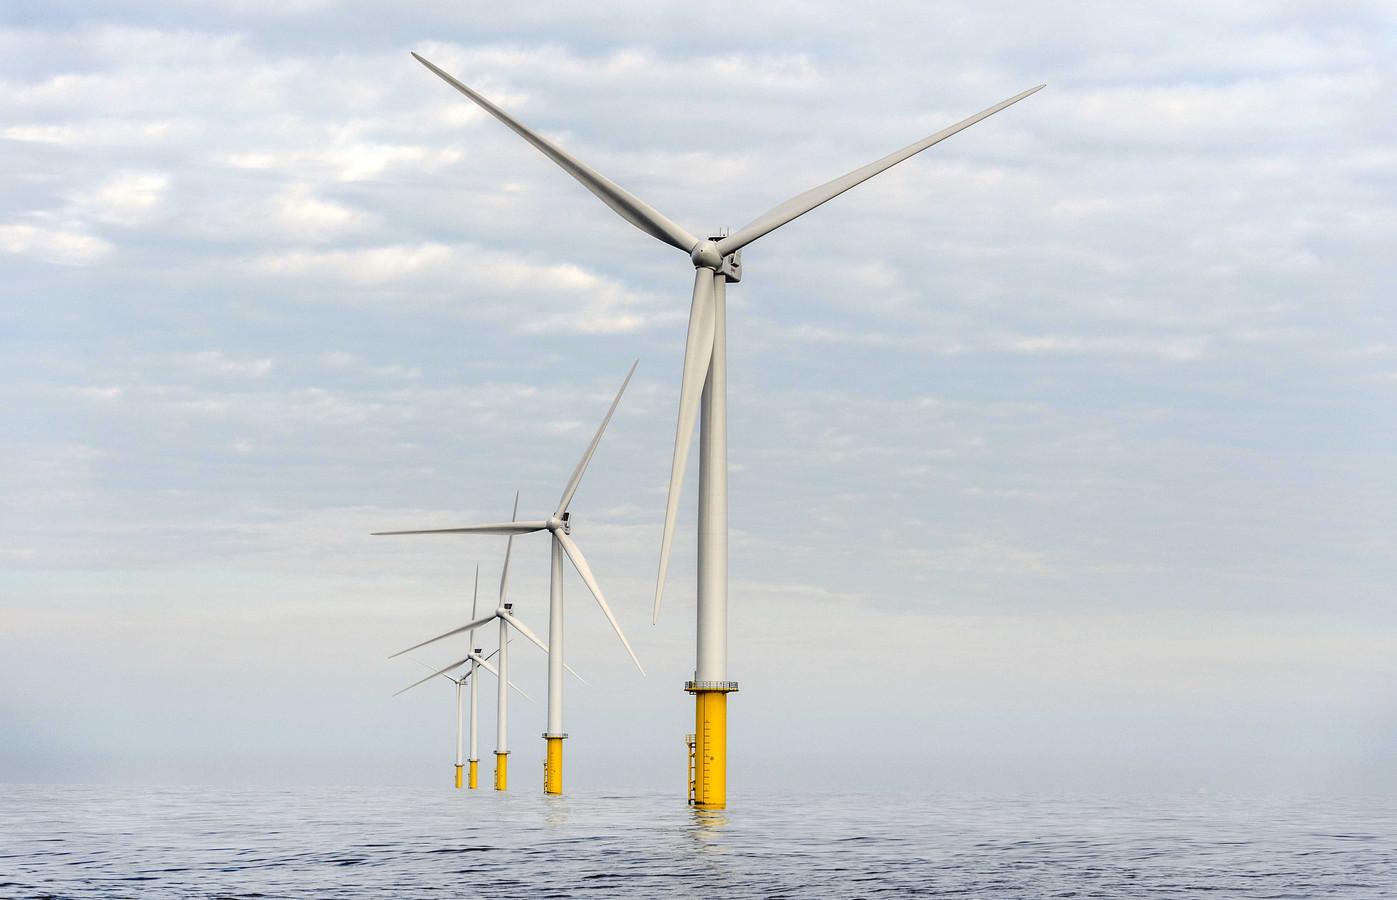 Eneco staat bekend om zijn duurzame koers. Hier windpark Luchterduinen dat Eneco samen met het Japanse Mitsubishi exploiteert. Het offshore park ligt op 23 kilometer voor de kust van Zandvoort en telt 43 windmolens. Ze leveren 129 megawatt vermogen waarmee 150.000 huishoudens van stroom worden voorzien.